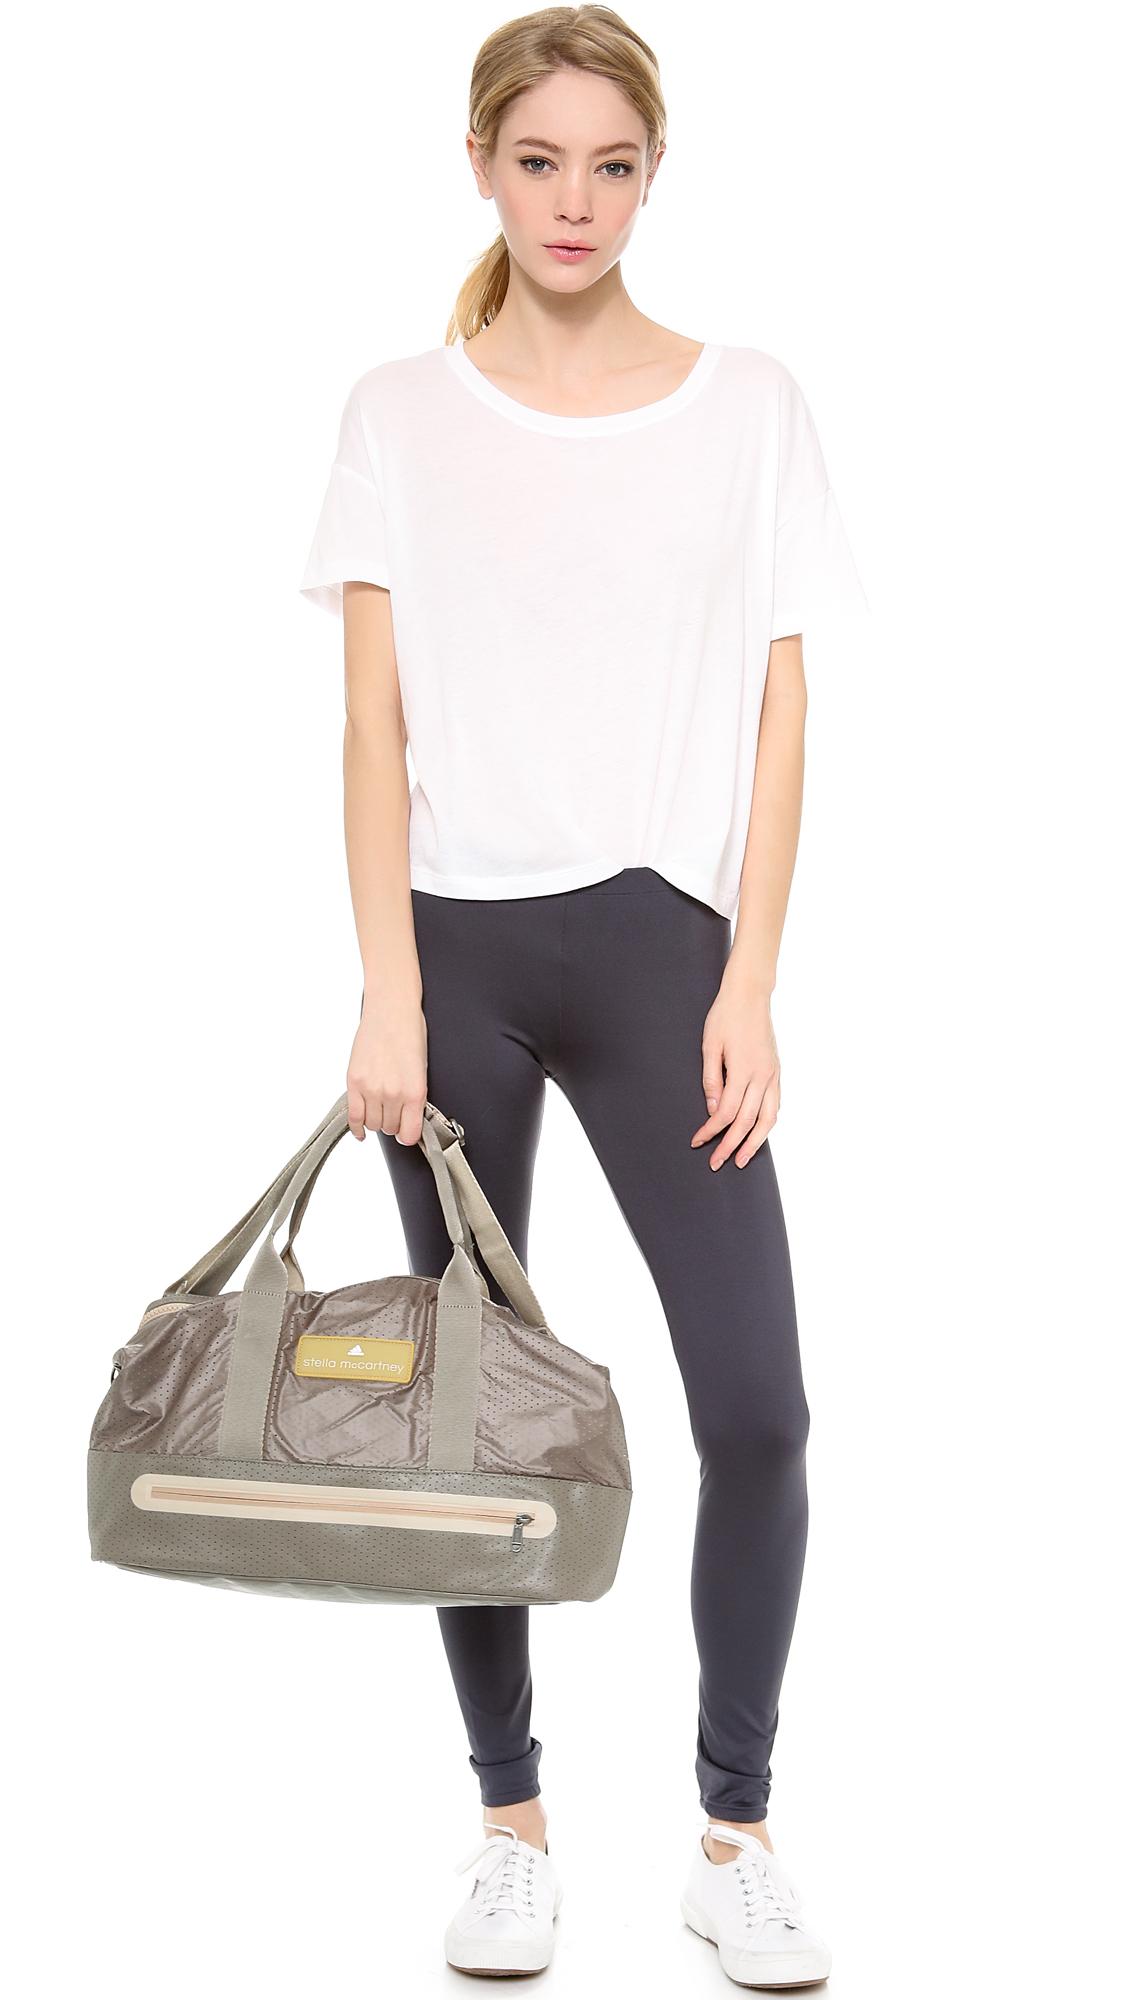 96ca2d8ef3b8 adidas by Stella McCartney Small Sports Bag